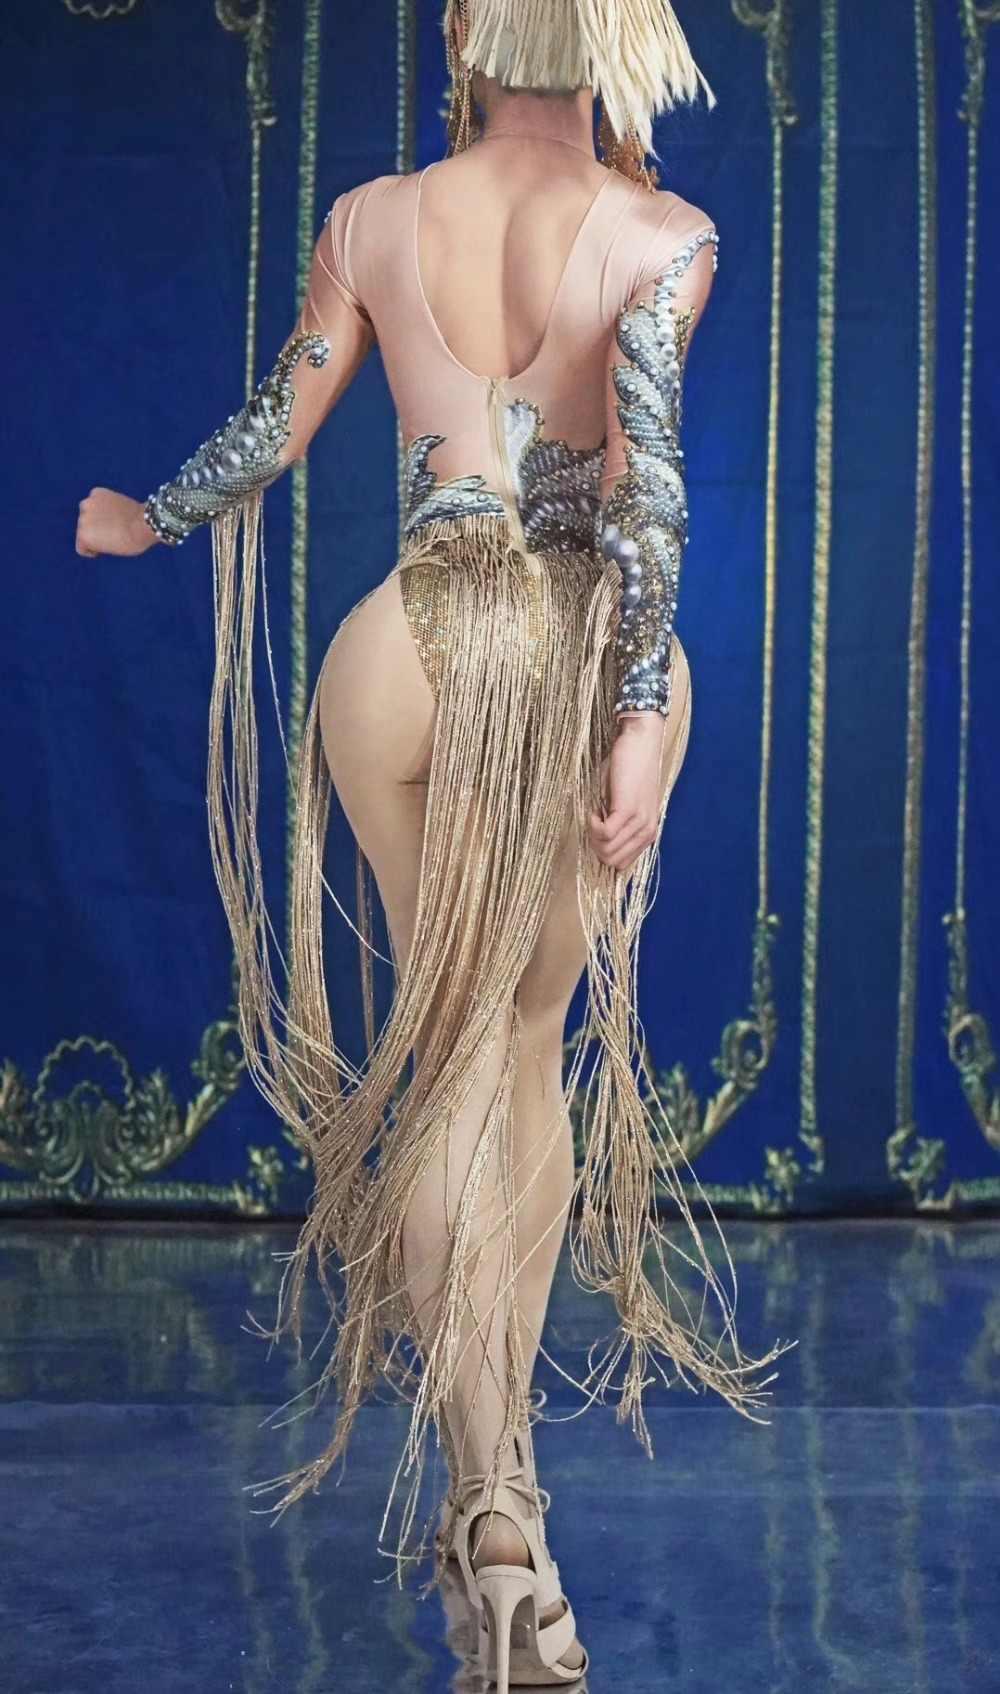 Moda damskie dżety złote frędzle body kobiece piosenkarka klub nocny dj Show Tassel trykot występ na scenie kostium taneczny